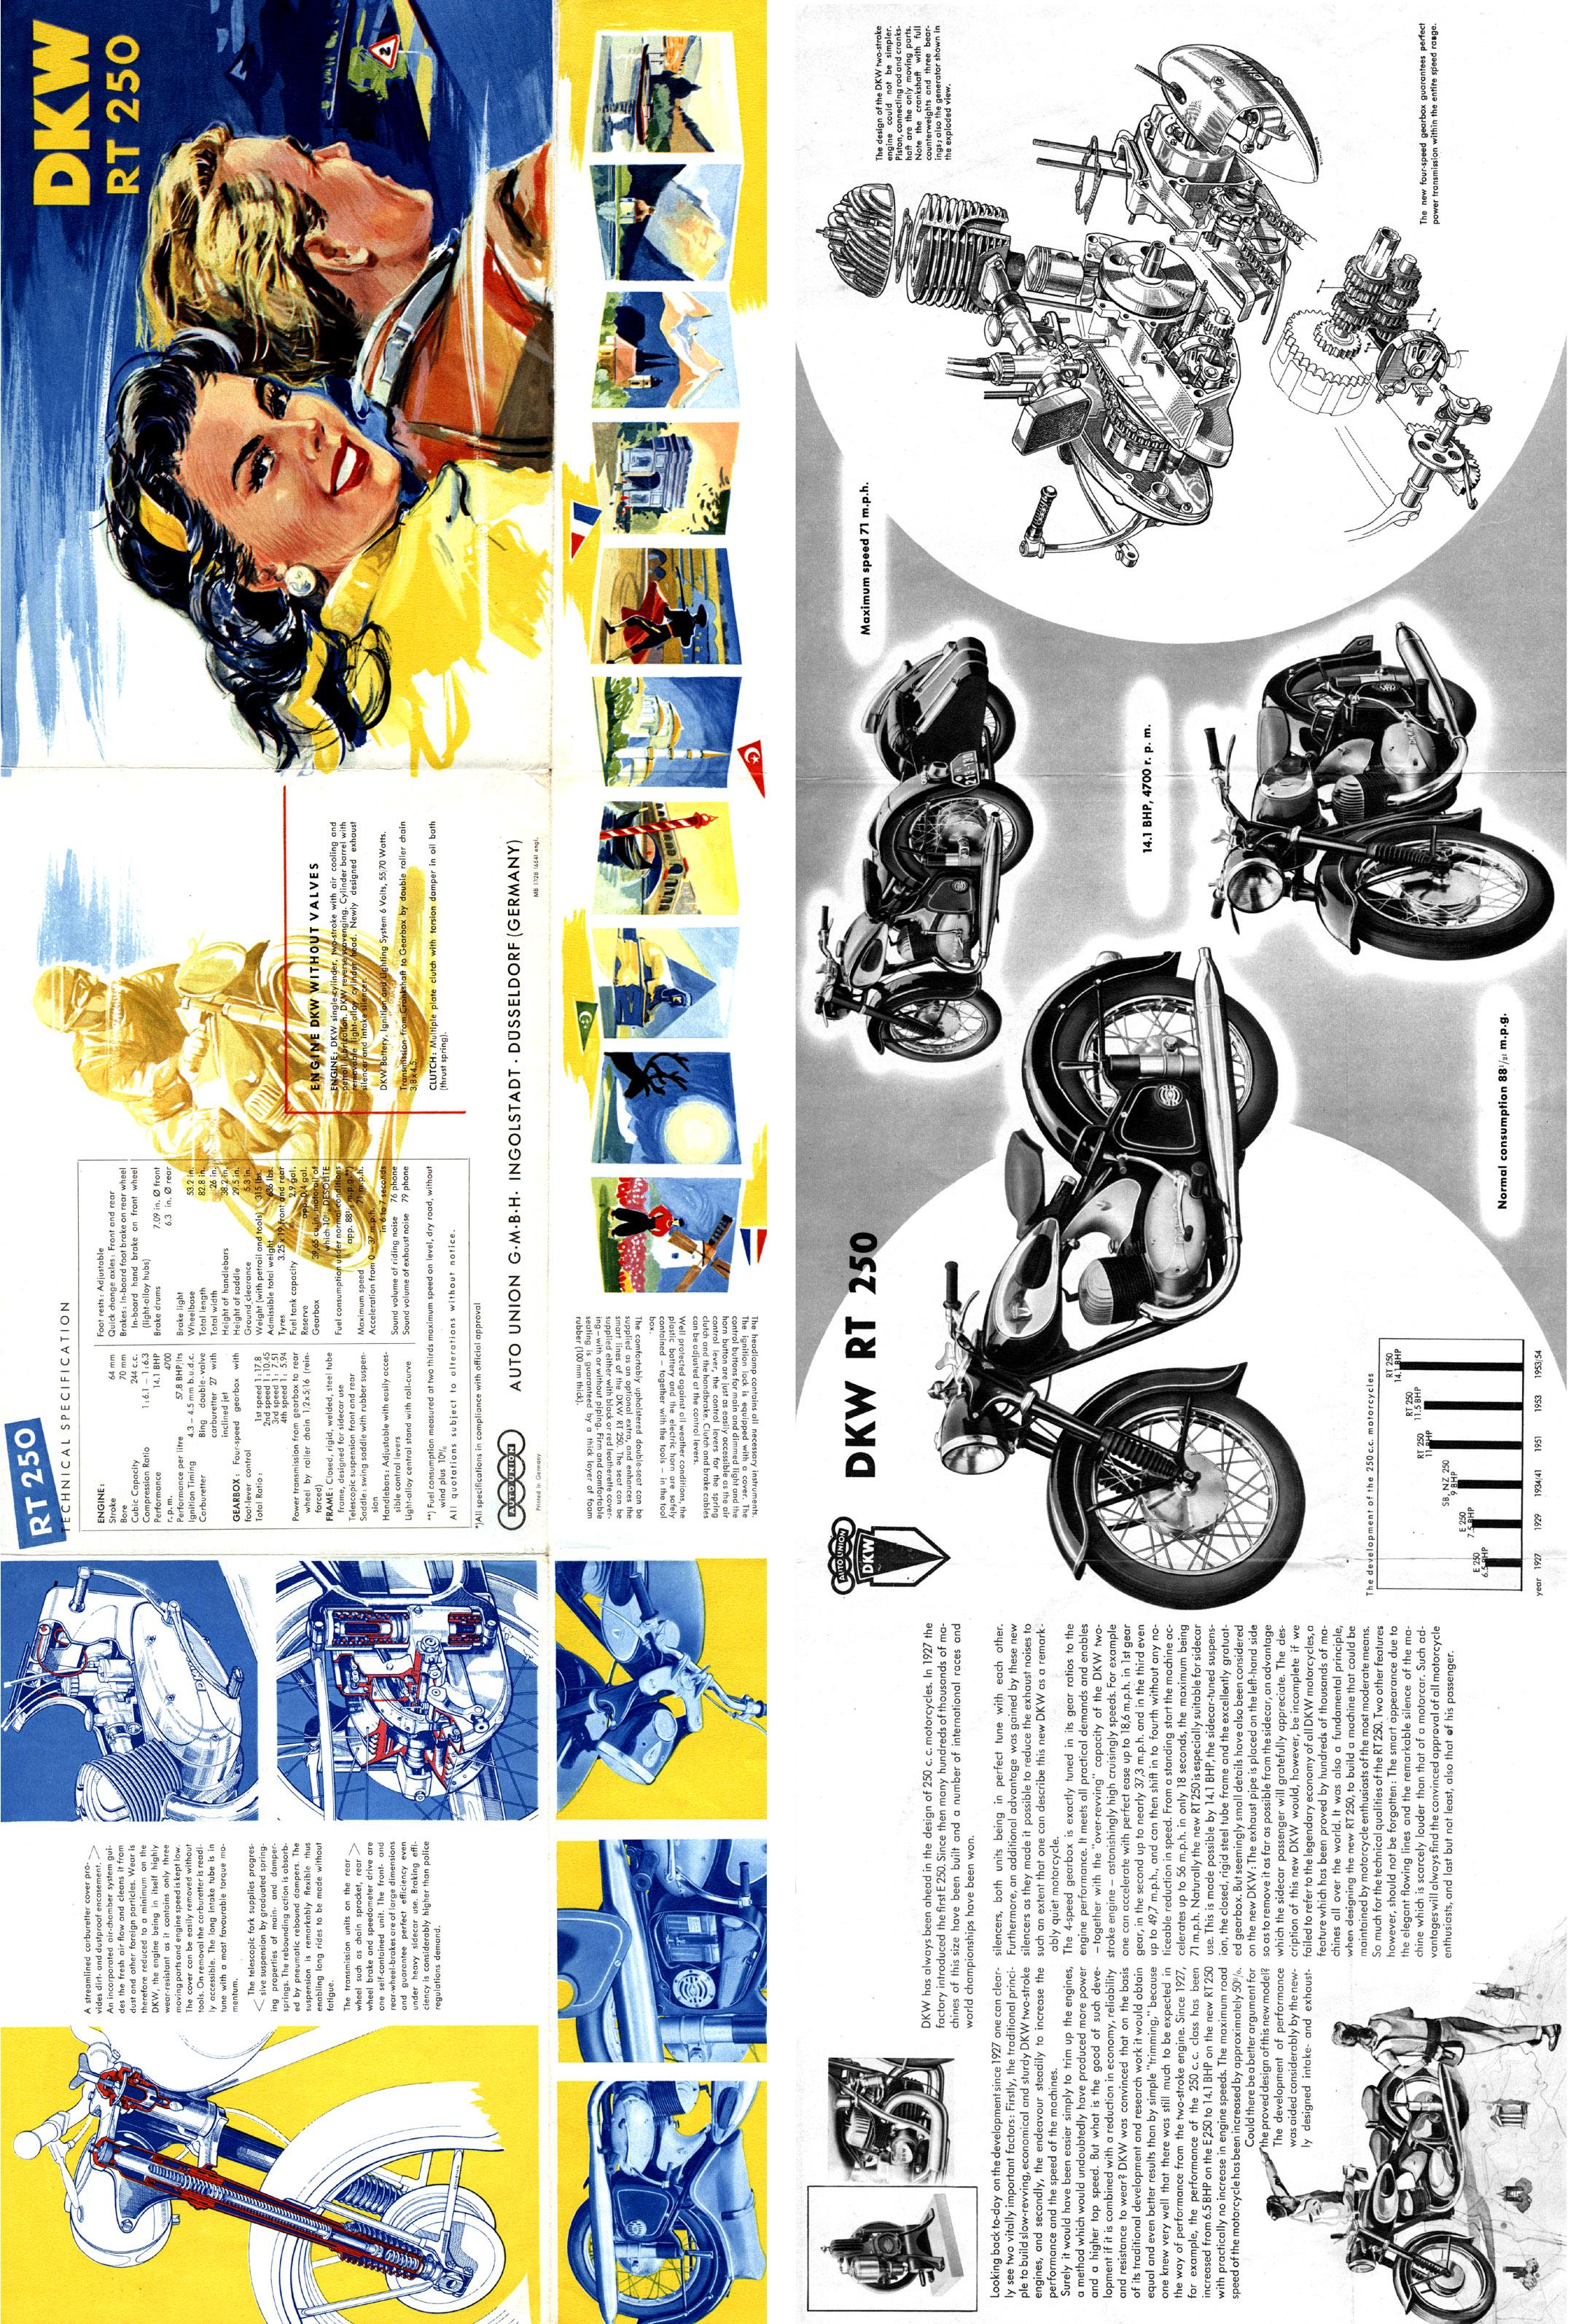 DKW Dokumente zum Download